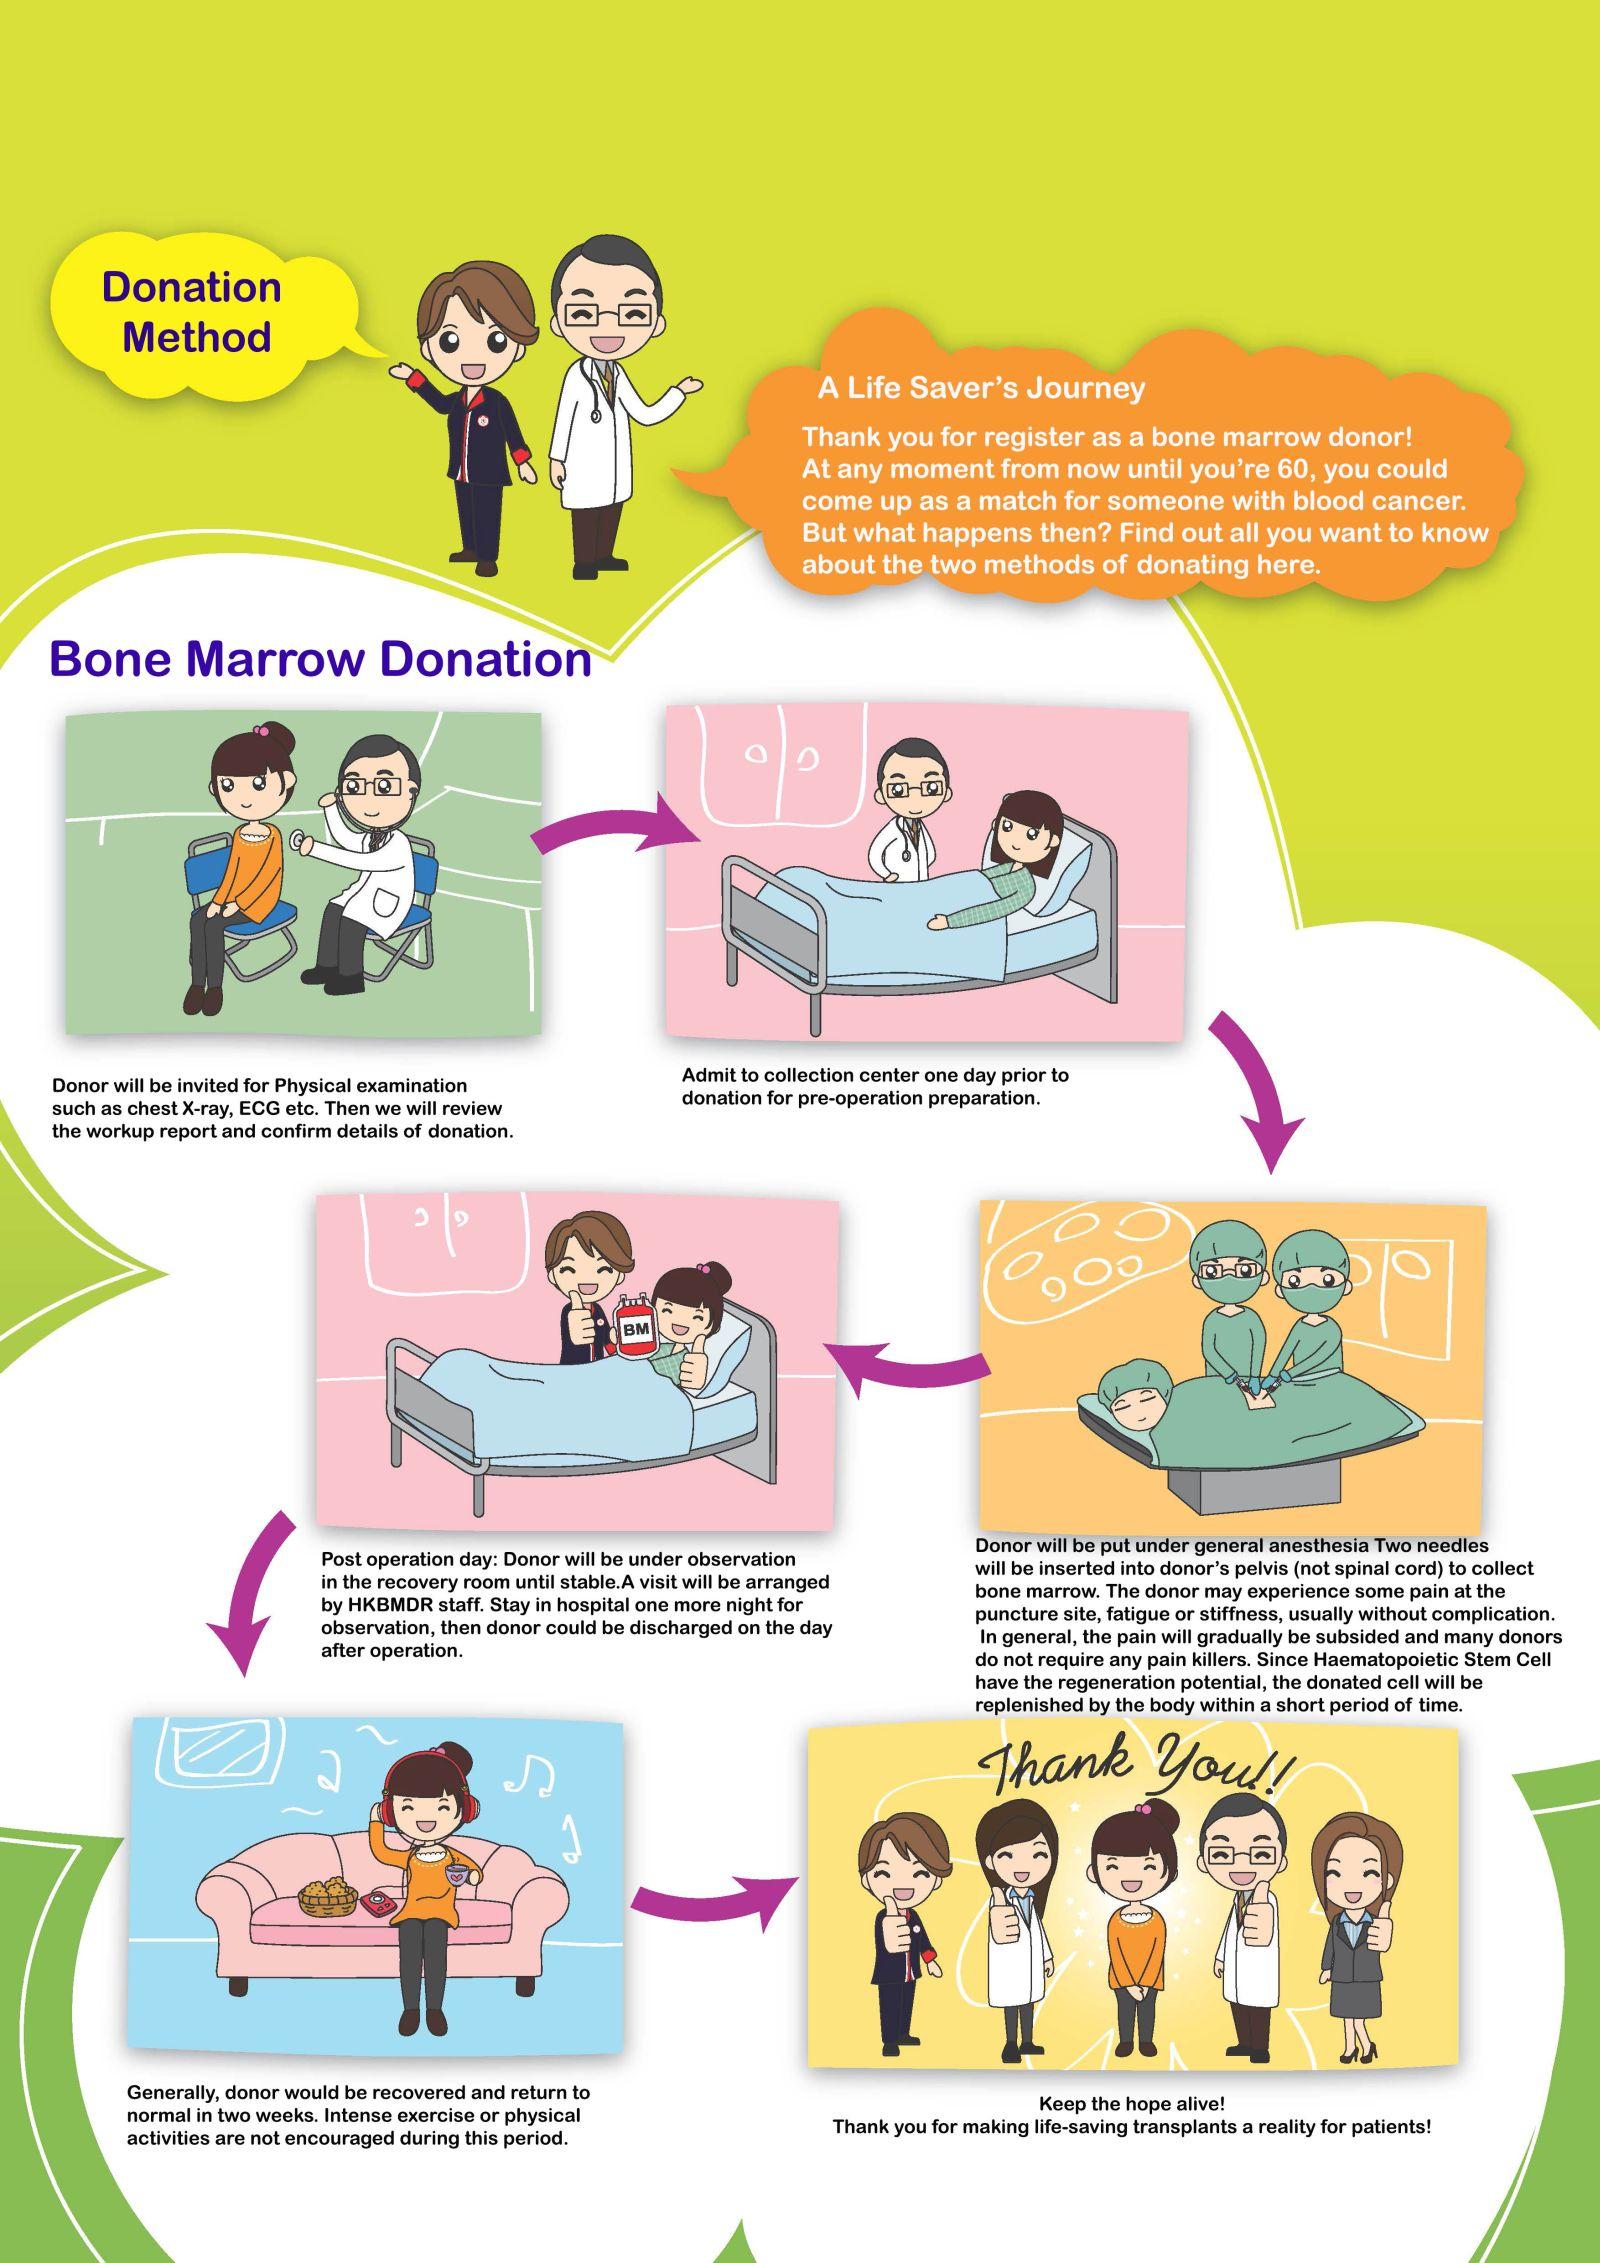 Image: Bone Marrow Donation